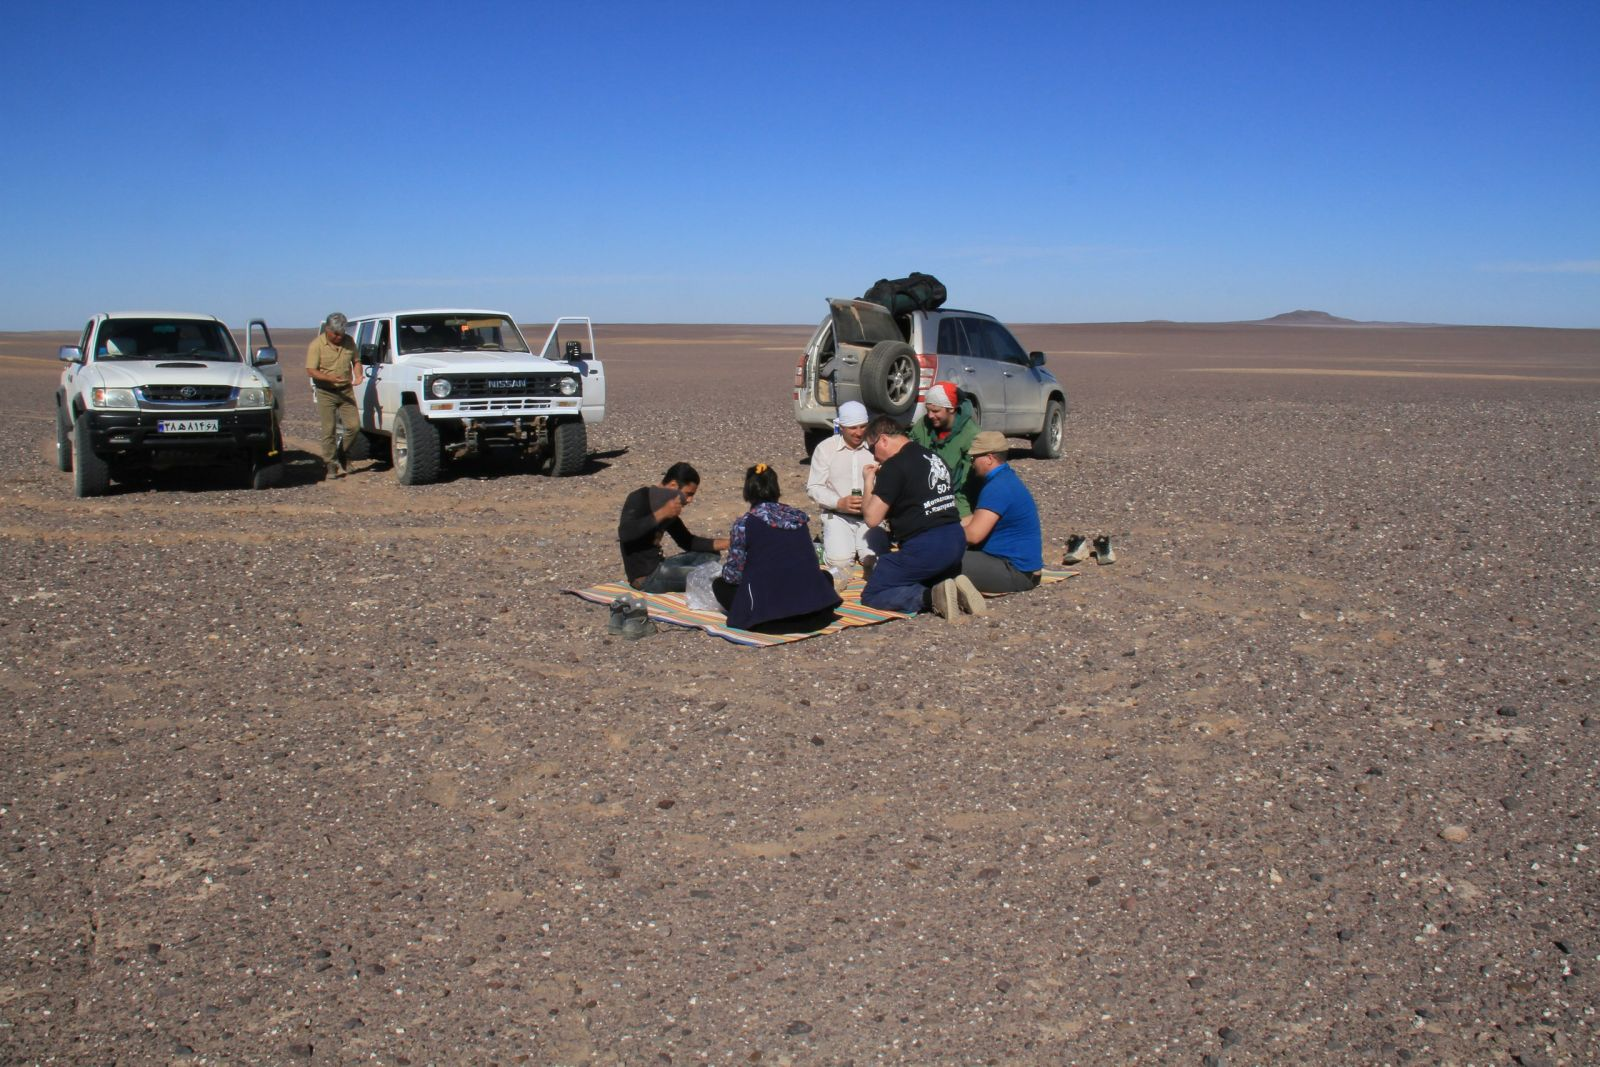 Уральские ученые собрали порядка 12кг вероятных метеоритов впустыне Ирана